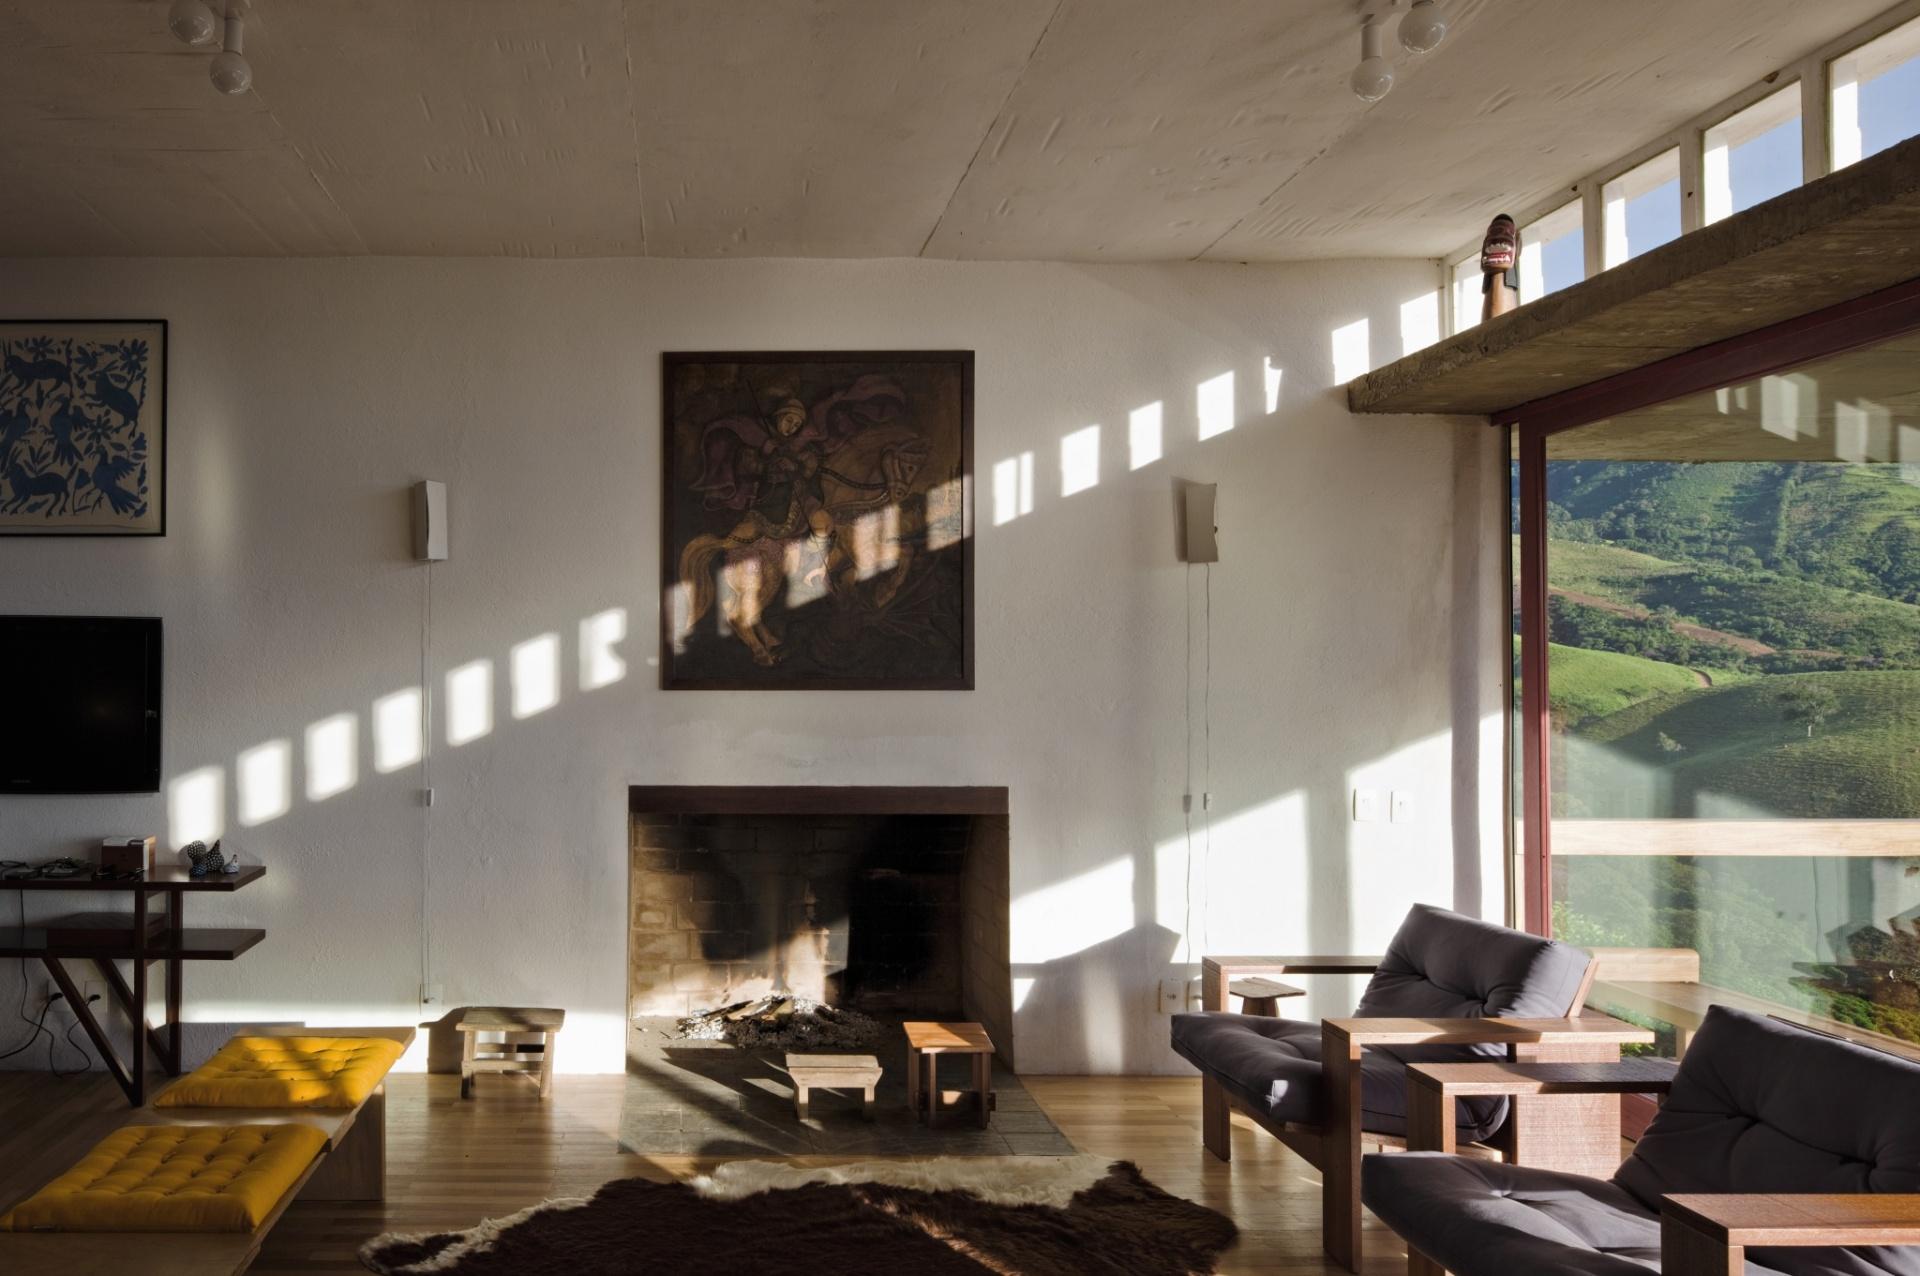 Ao pé da lareira, o recanto de estar apresenta um clima intimista e aconchegante. Na parede, a pintura caiada se alinha aos móveis rústicos e ao piso de madeira, que completa a cena da casa Dom Viçoso projetada pelo arquiteto Marcelo Ferraz